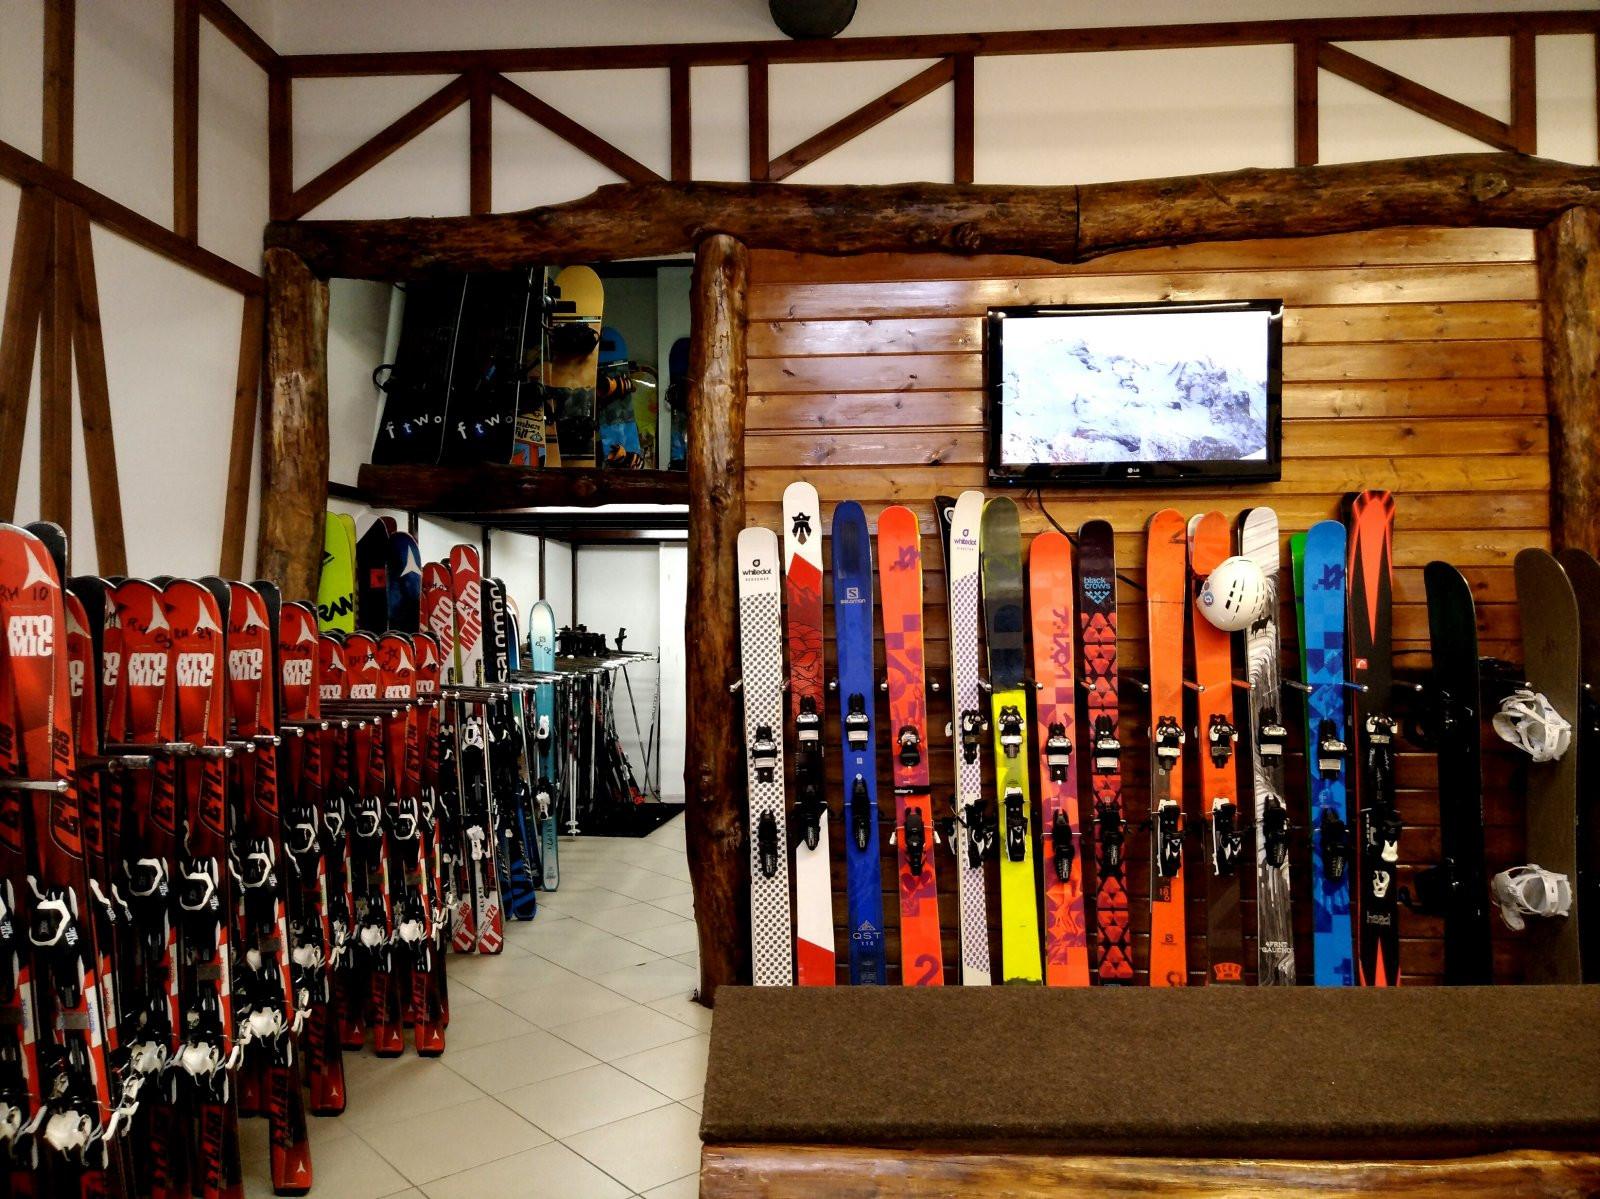 двух лет фото магазина горнолыжного снаряжения на фантьет как будет клевать